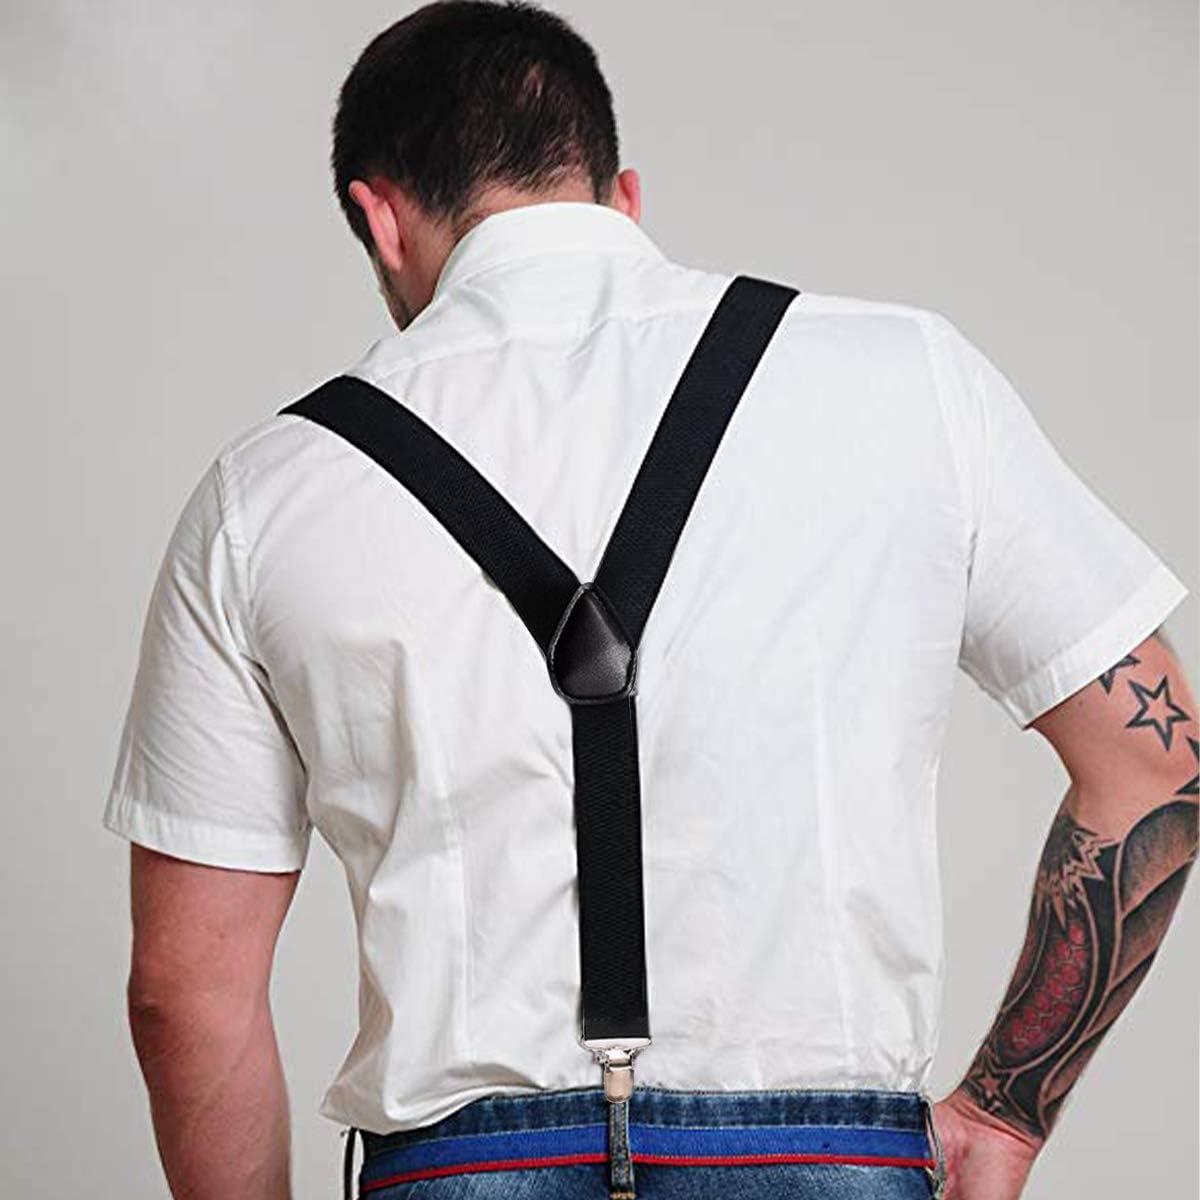 Bracers Pantalones Tiras El/ásticas Ajustable y El/ástico Cruz Tirantes Para Pantalones Moto Pantalones Negro